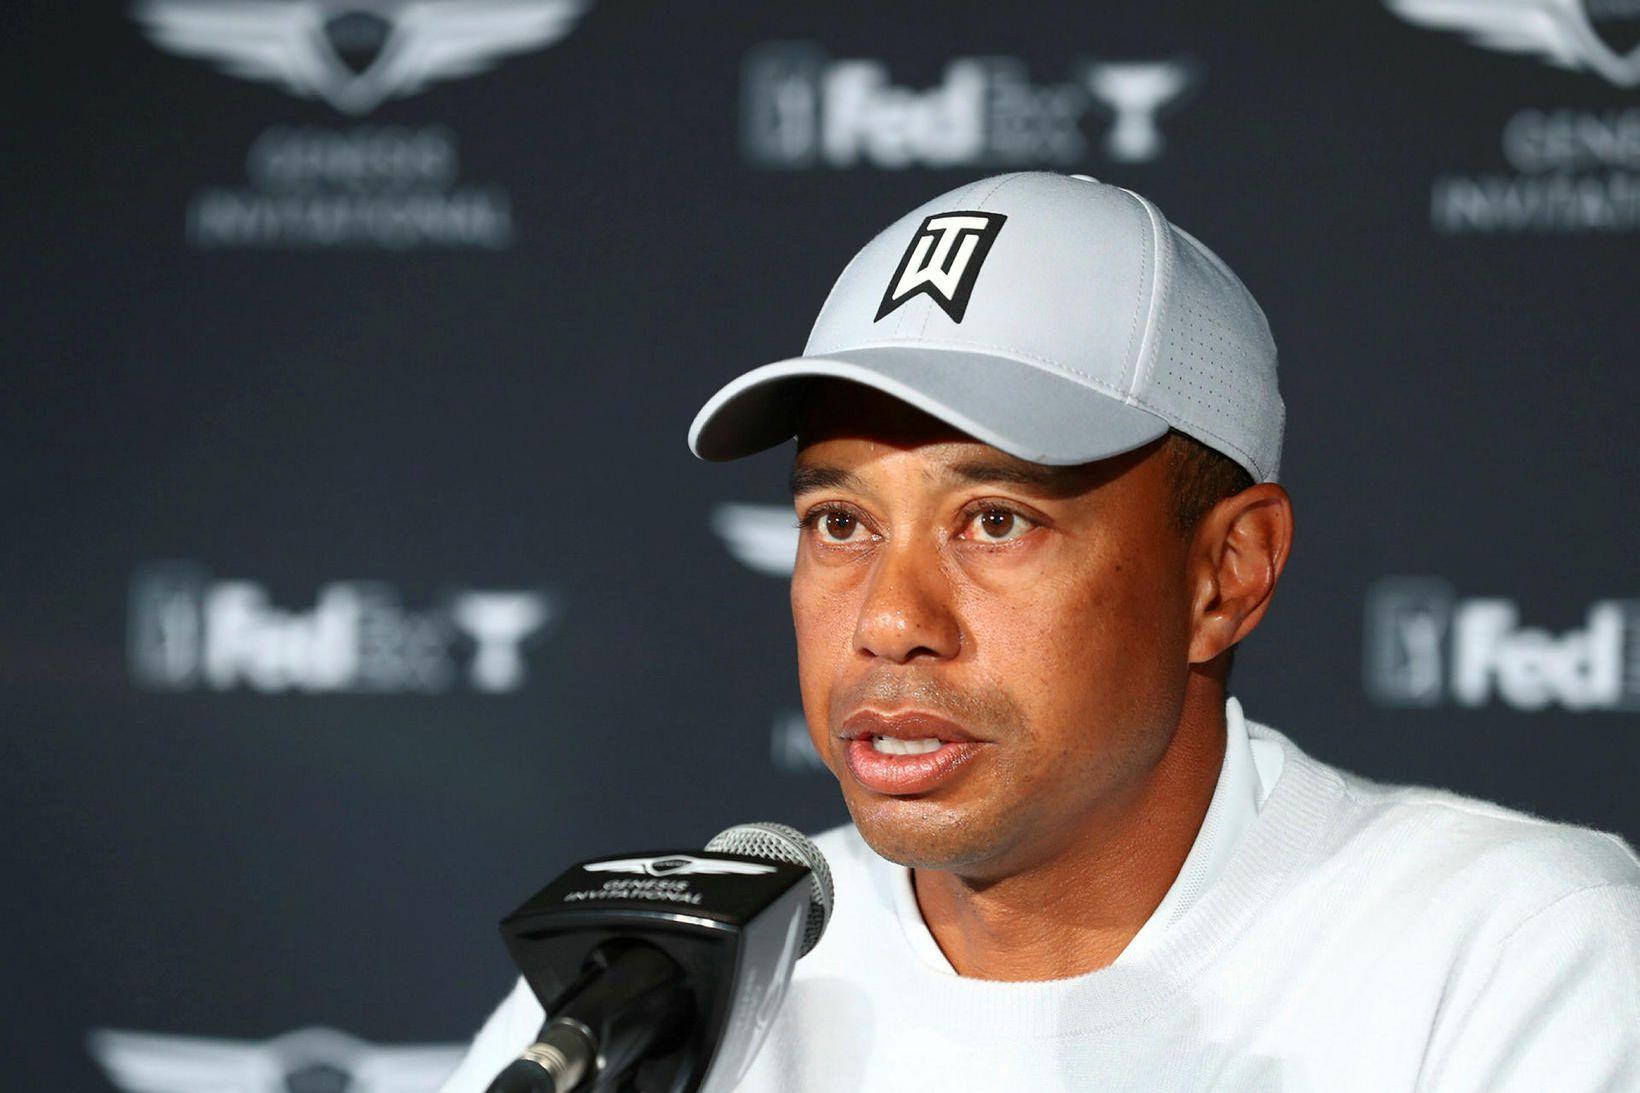 Tiger Woods ræðir við fréttamenn í Pacific Palisades í Kaliforníu.